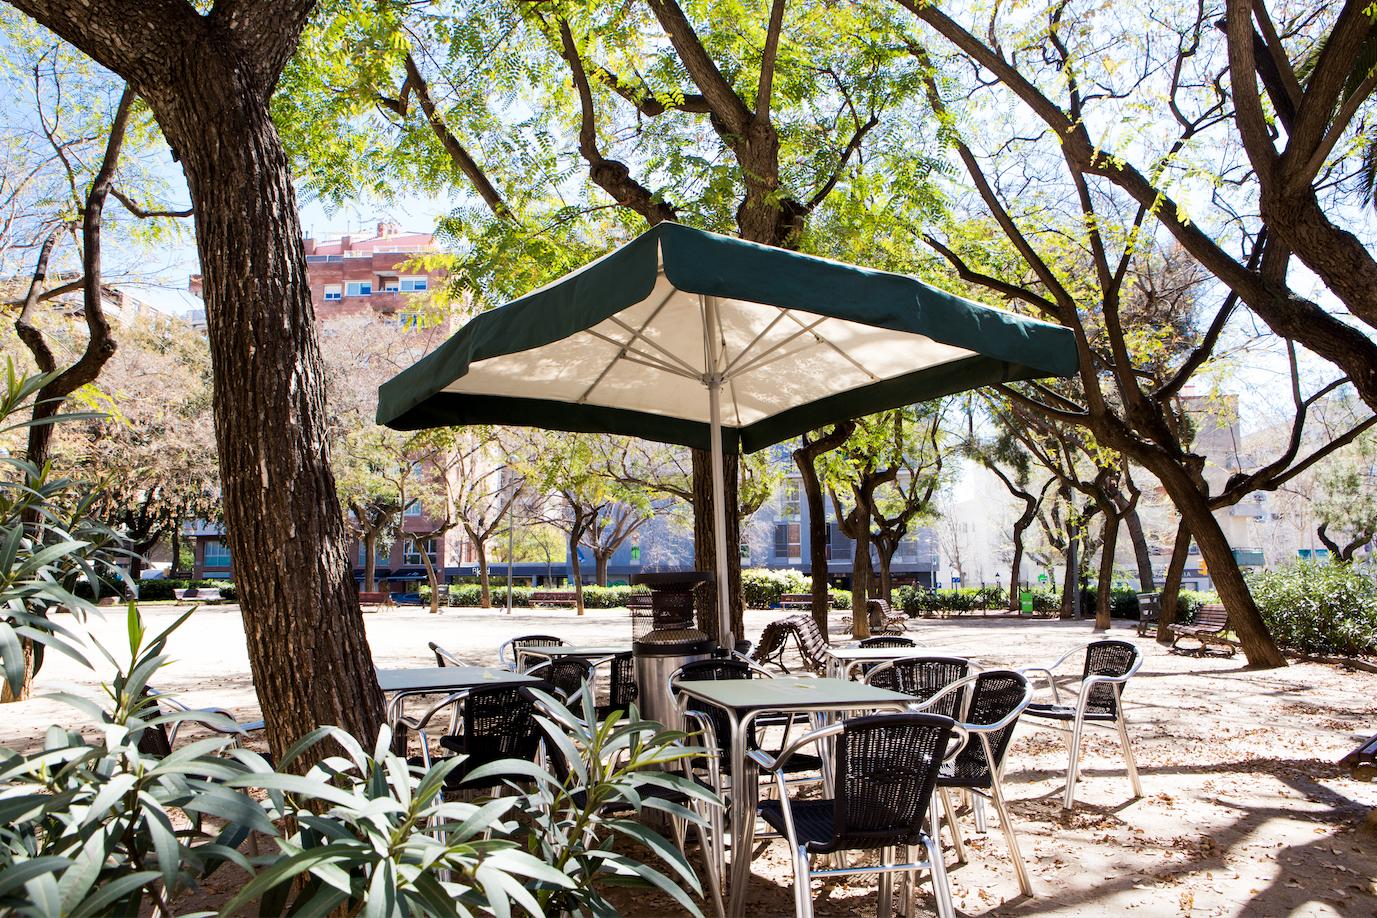 Podrà funcionar una terrassa com la del Toni Bigoti amb una sola taula?